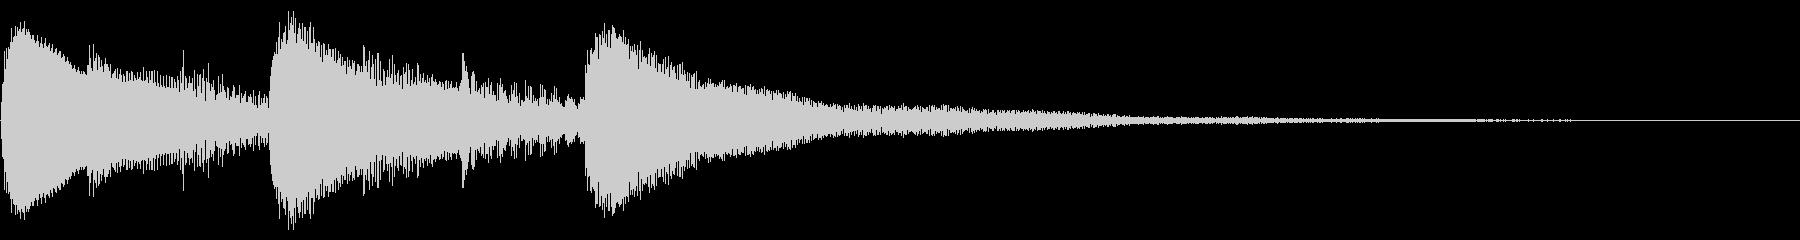 Moist arpeggio nylon guitar's unreproduced waveform